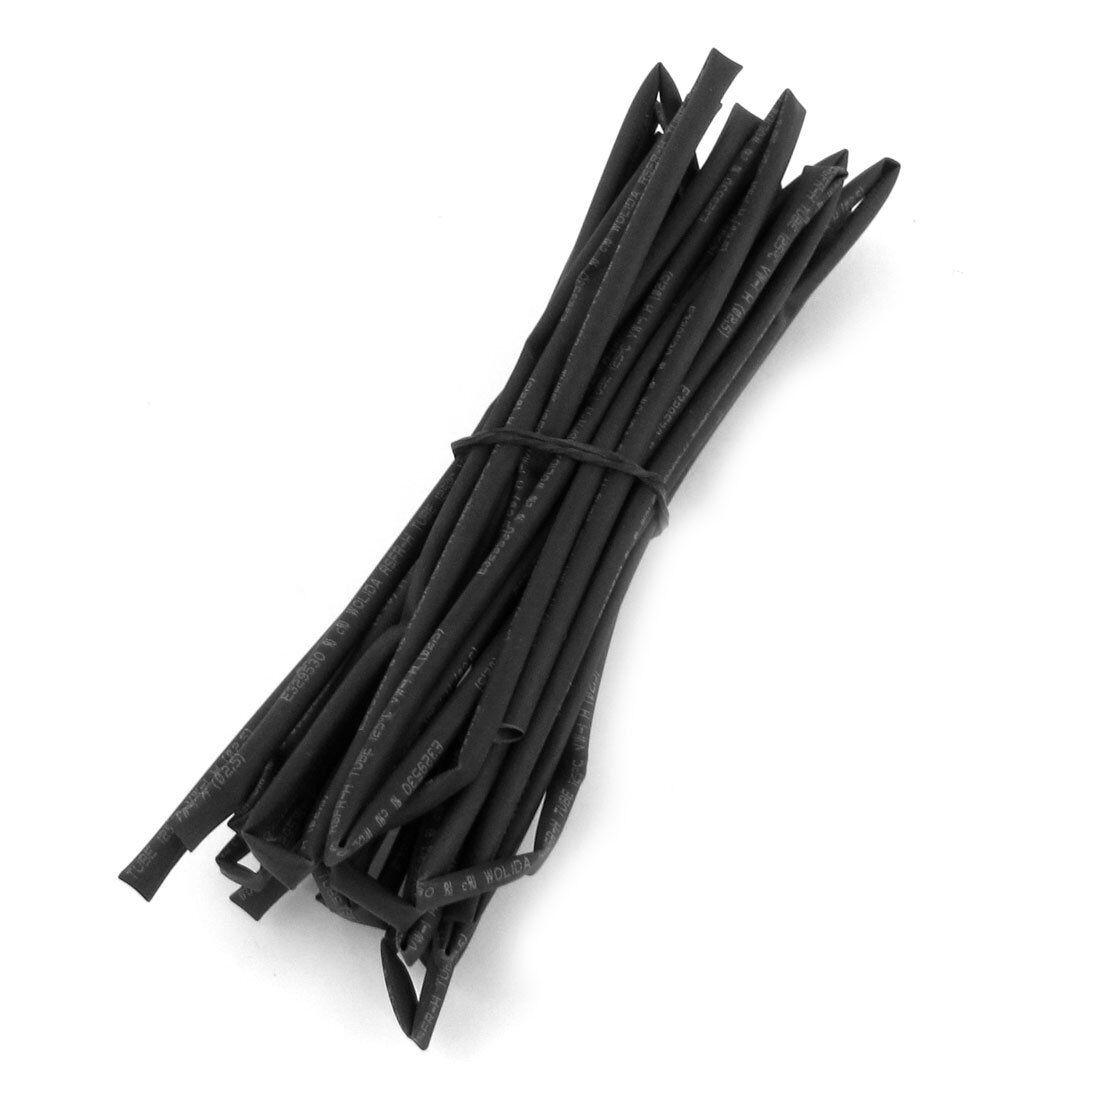 Black Heat Shrinkable Tube Shrink Tubing 5M 16.4Ft N3 2.5mm Dia